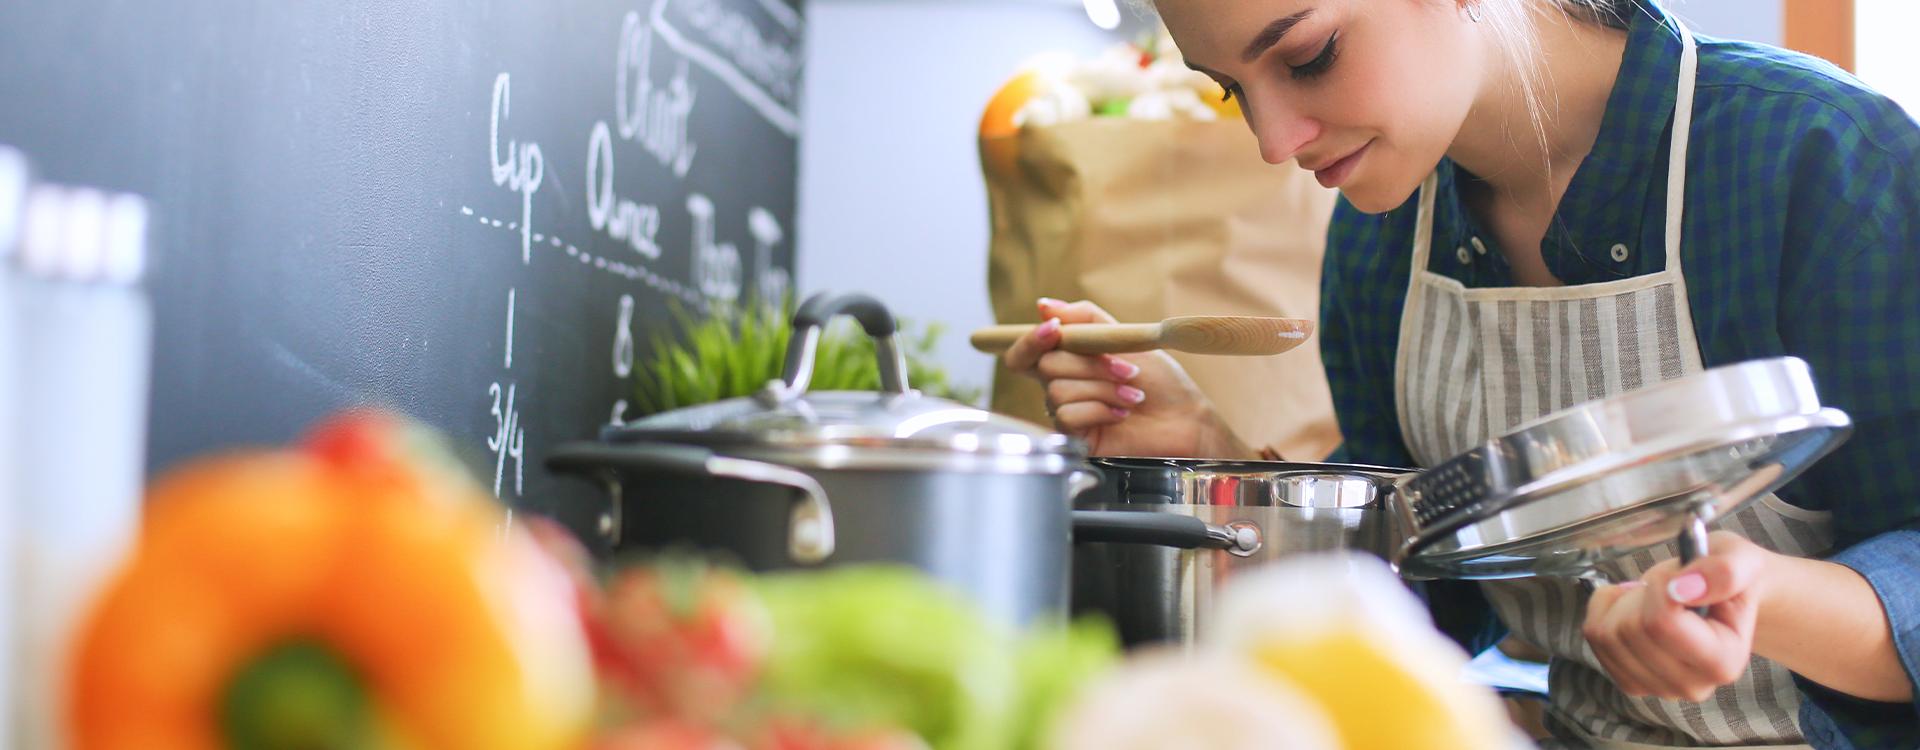 Zestaw garnków do kuchni  - podpowiadamy co wybrać